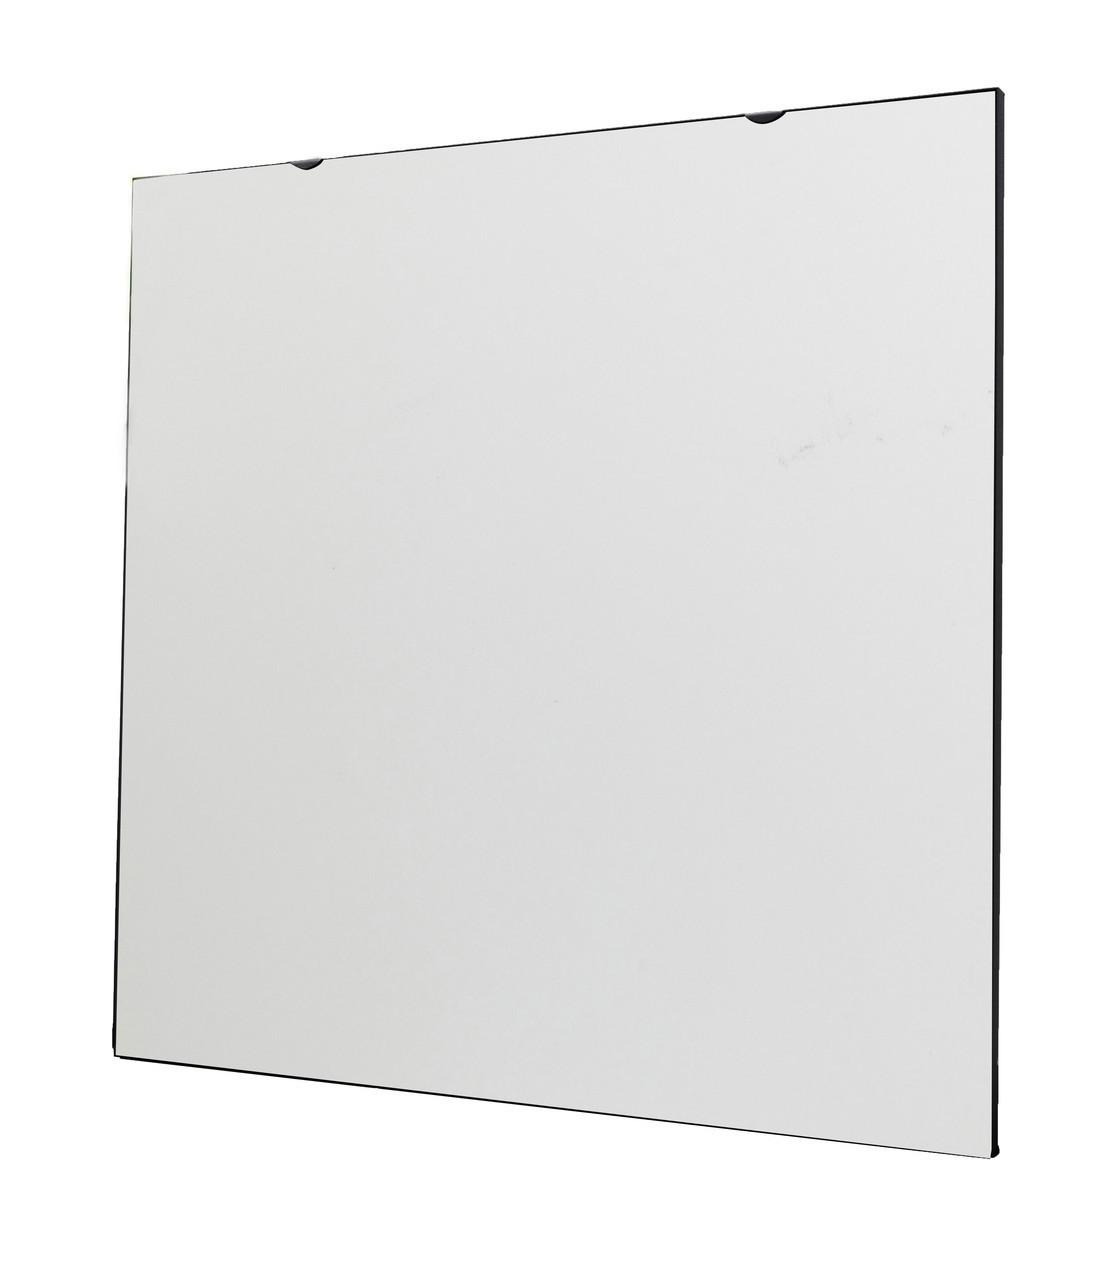 Керамический обогреватель Ensa CR500W, 475 Вт